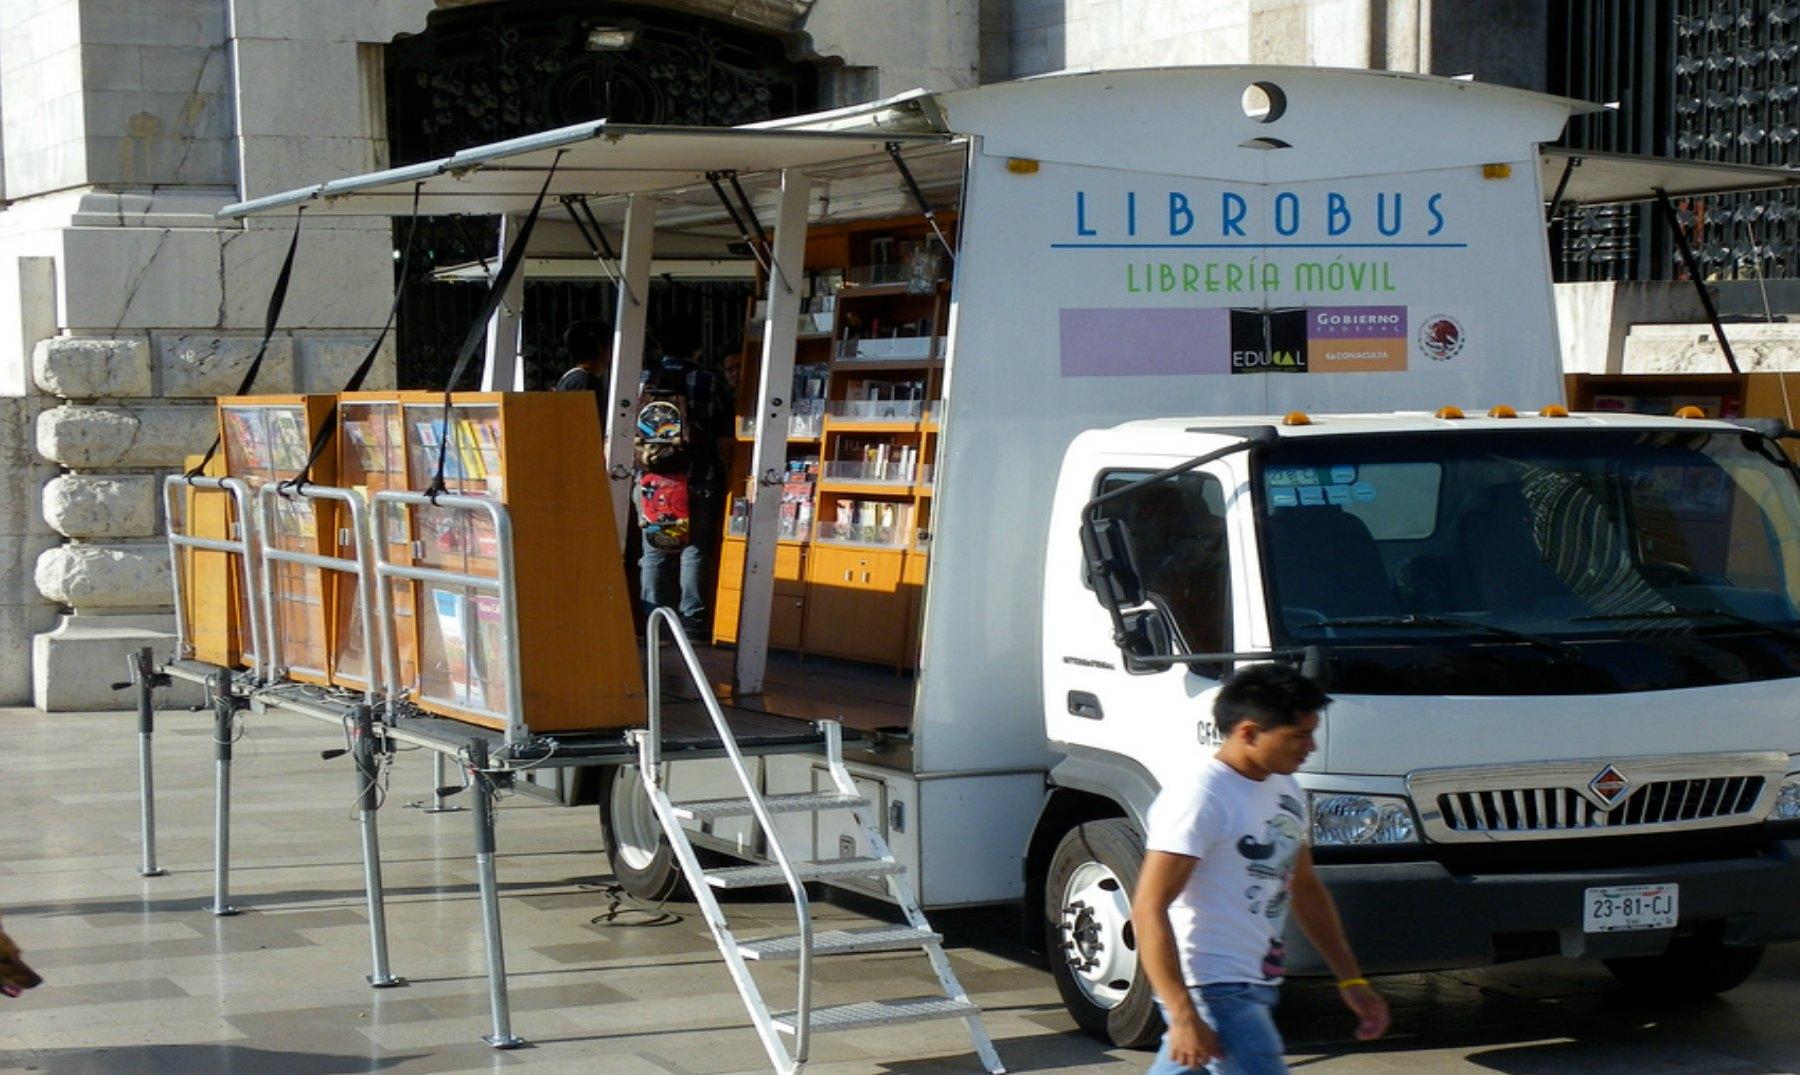 Las librerías móviles más interesantes del mundo